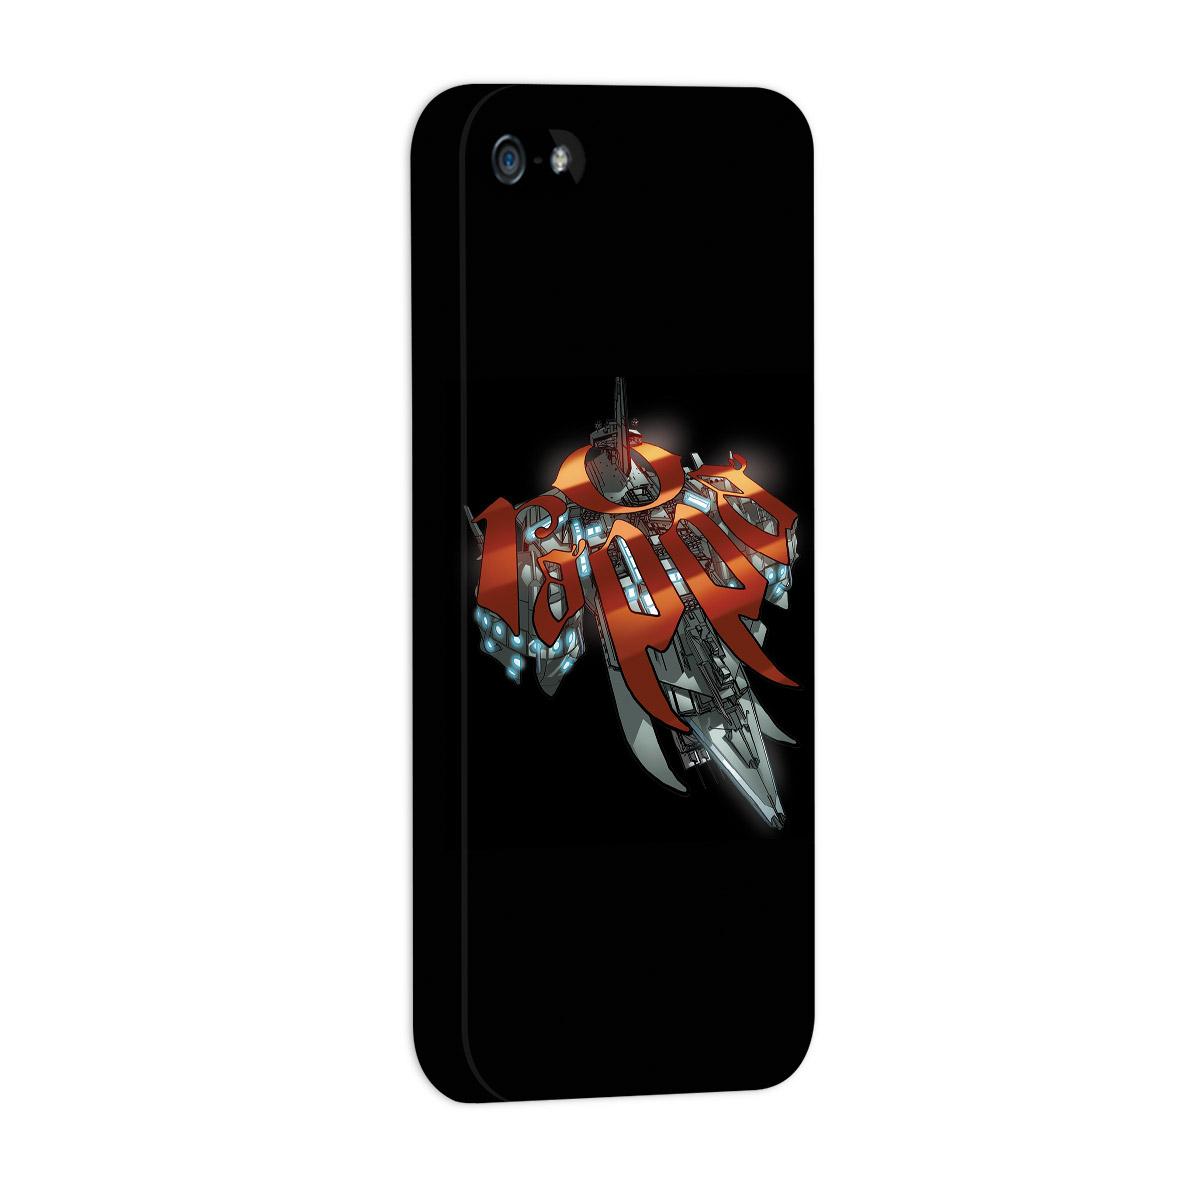 Capa de iPhone 5/5S O Rappa Nunca Tem Fim